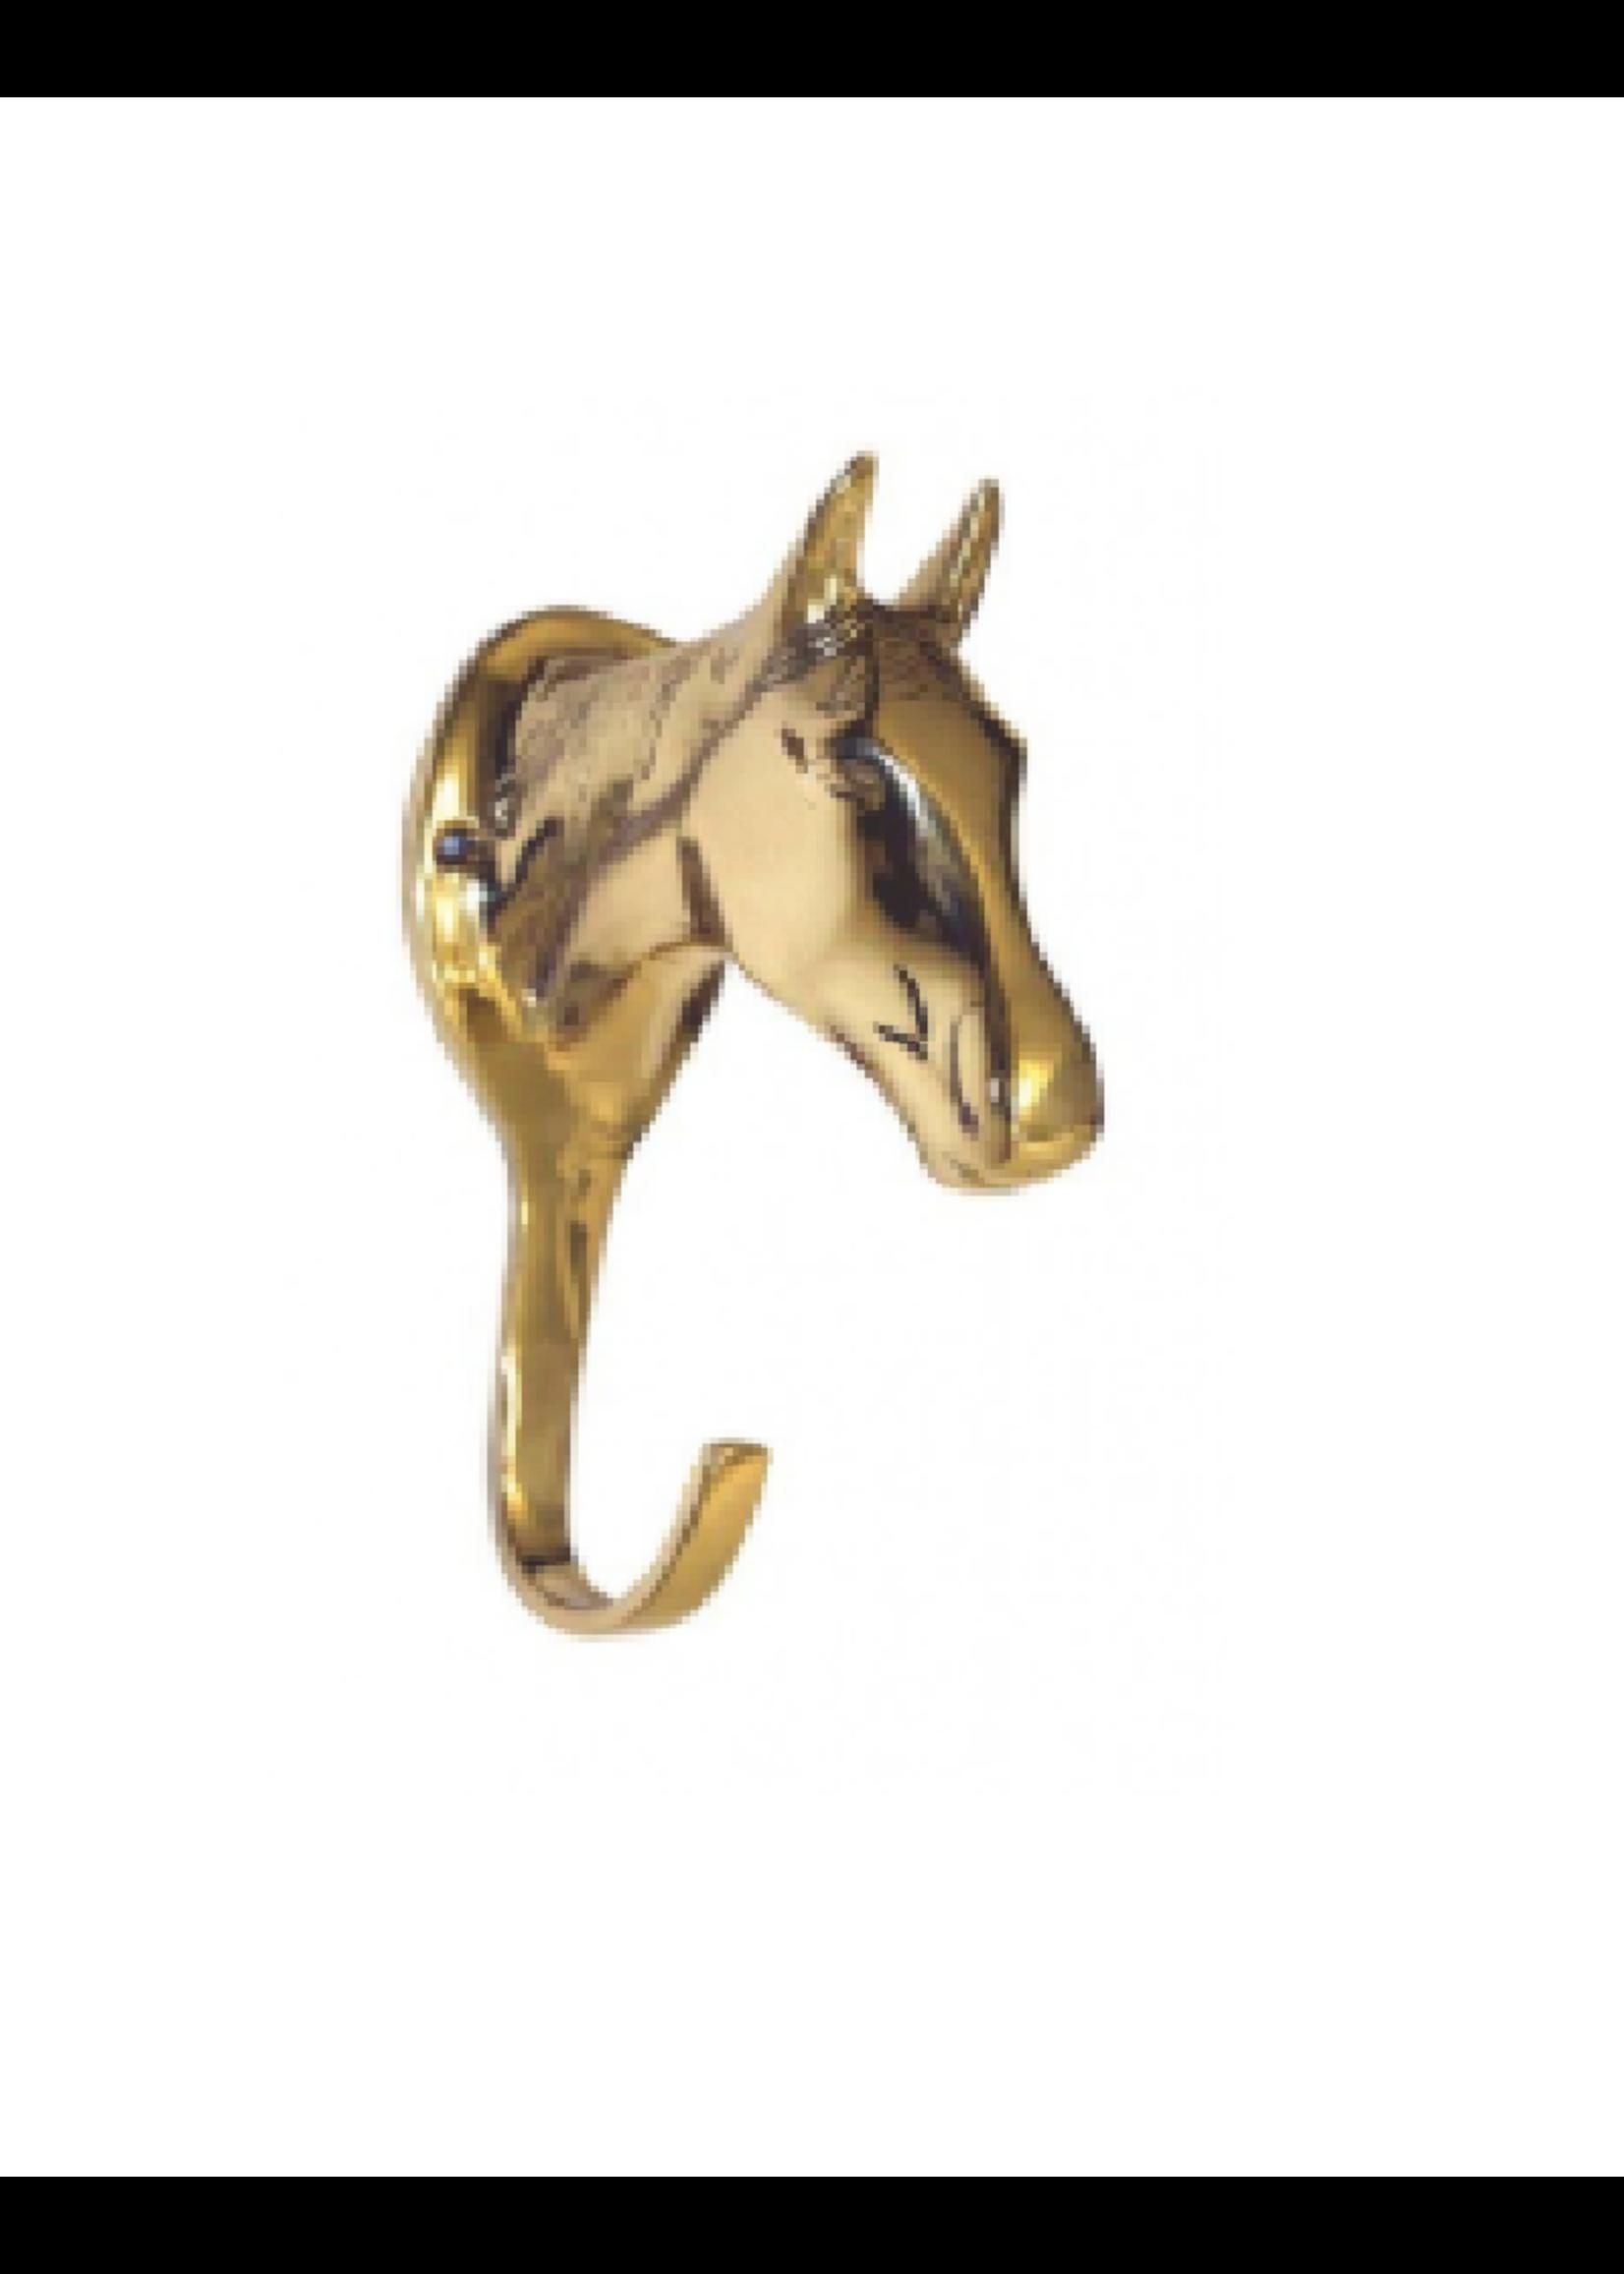 HKM HKM Hoofdstelhanger in paardenhoofd vorm